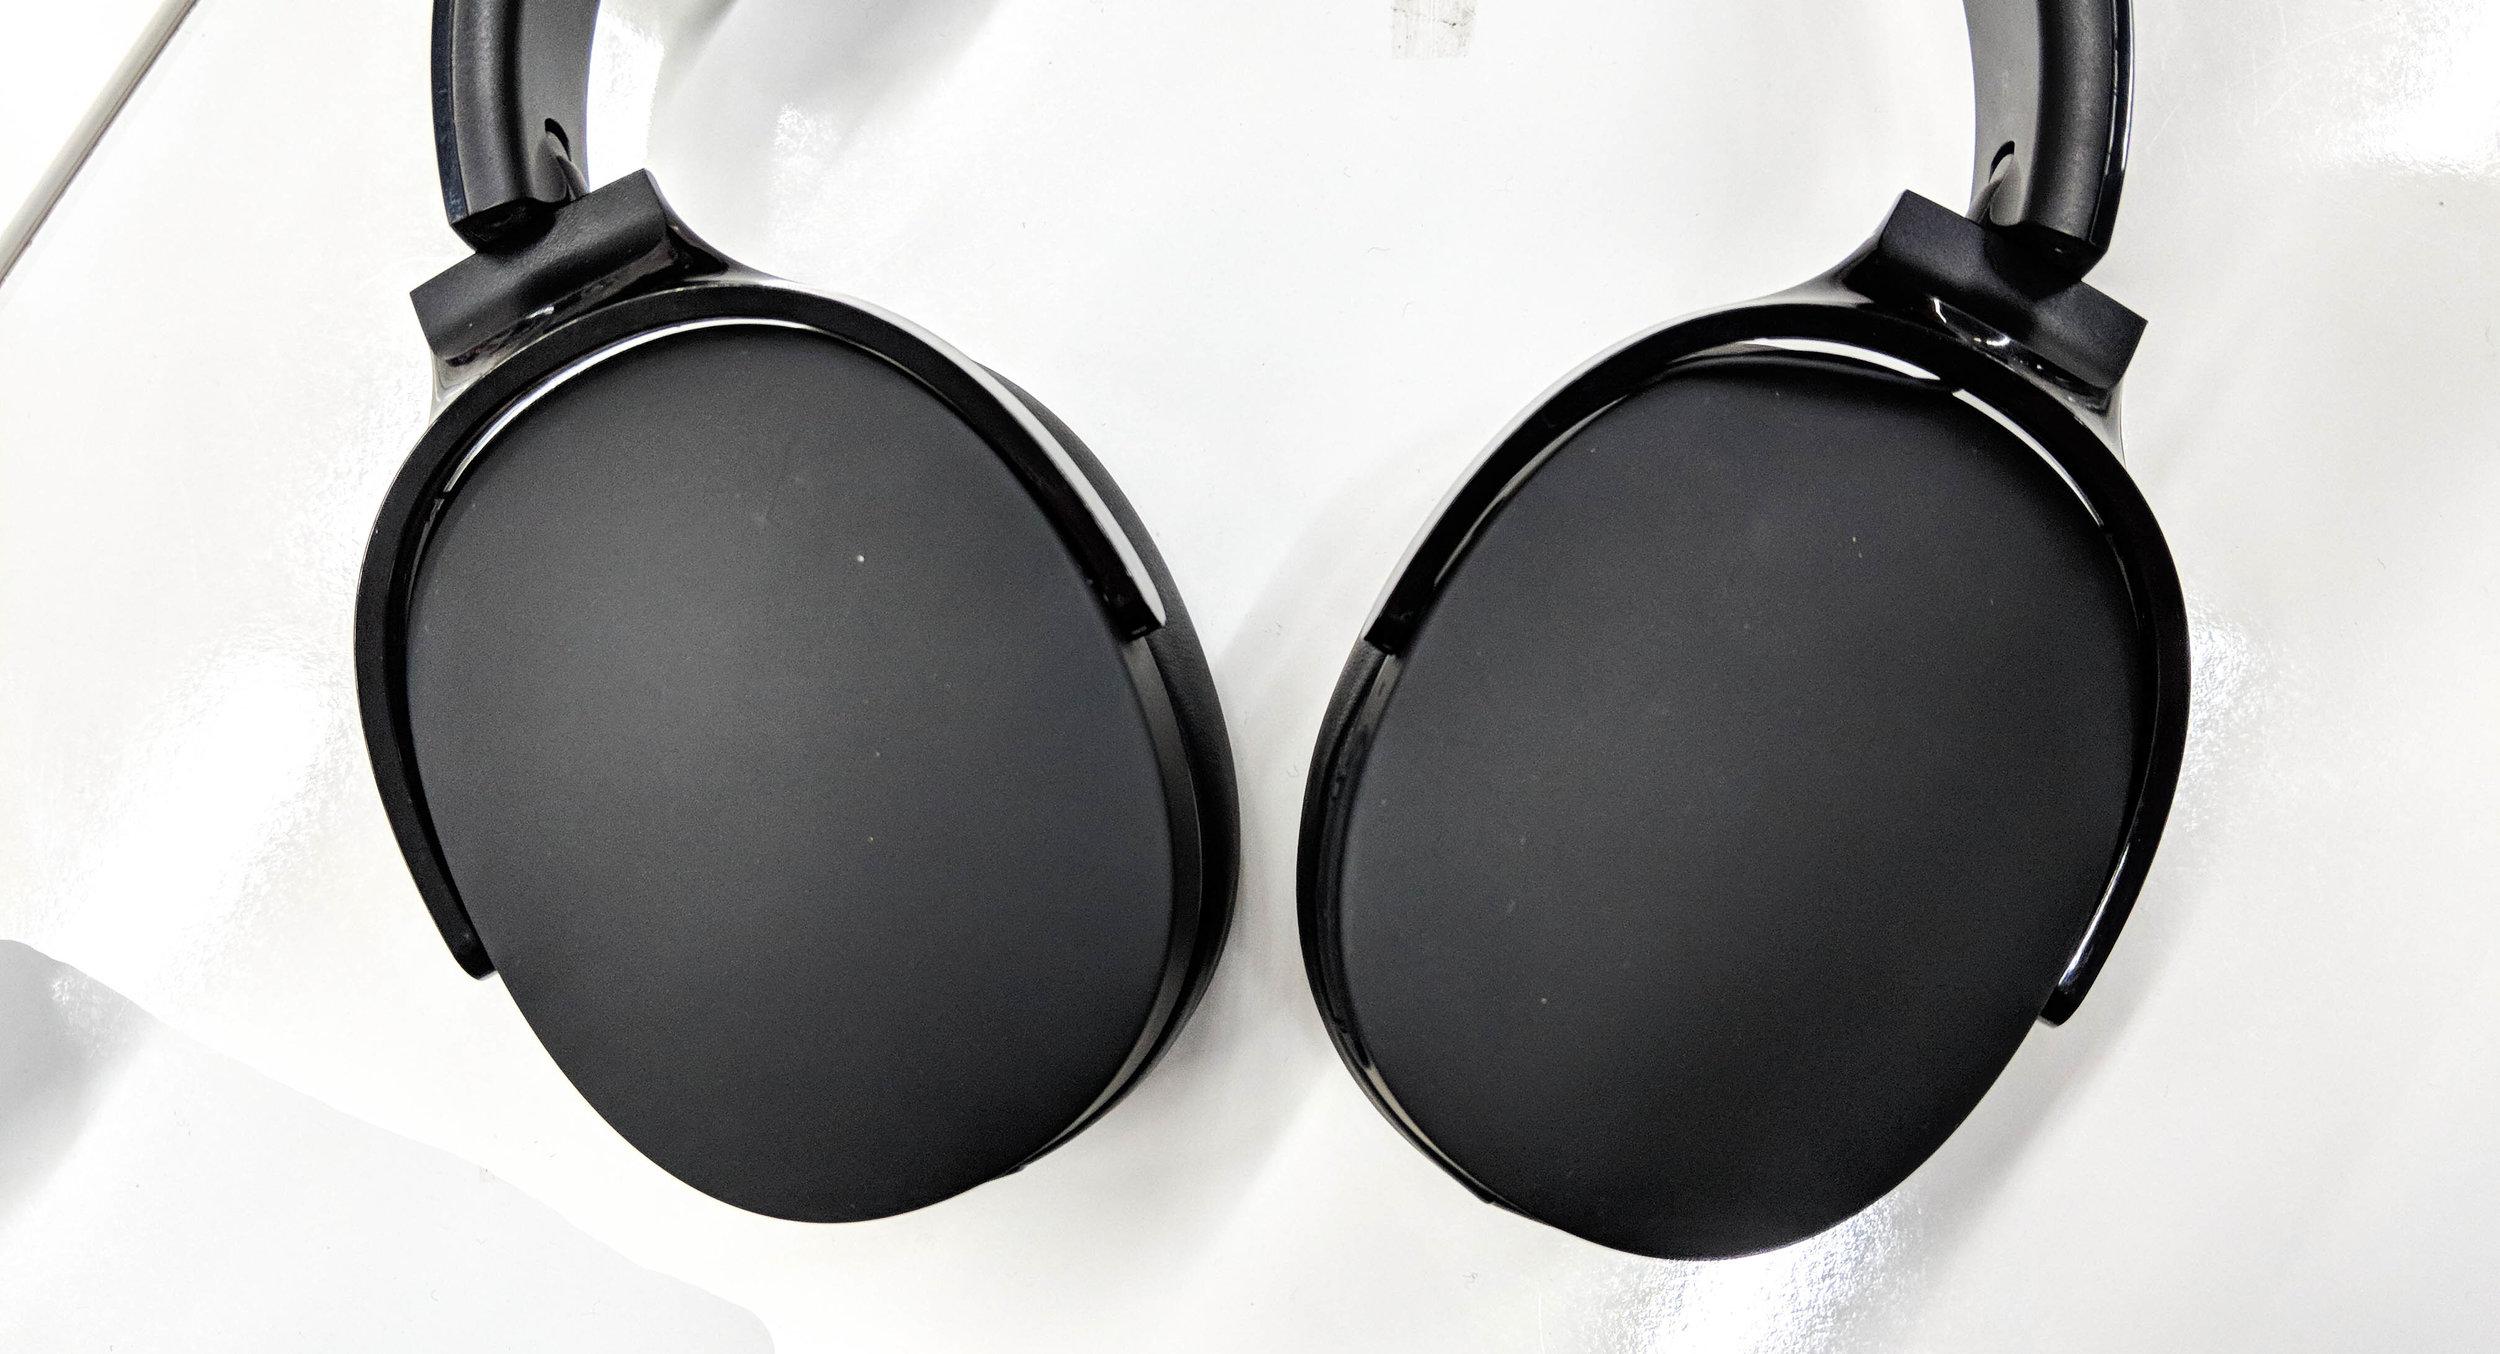 rango Conmoción aguja  Skullcandy Hesh 3 Headphone Review — Audiophile On